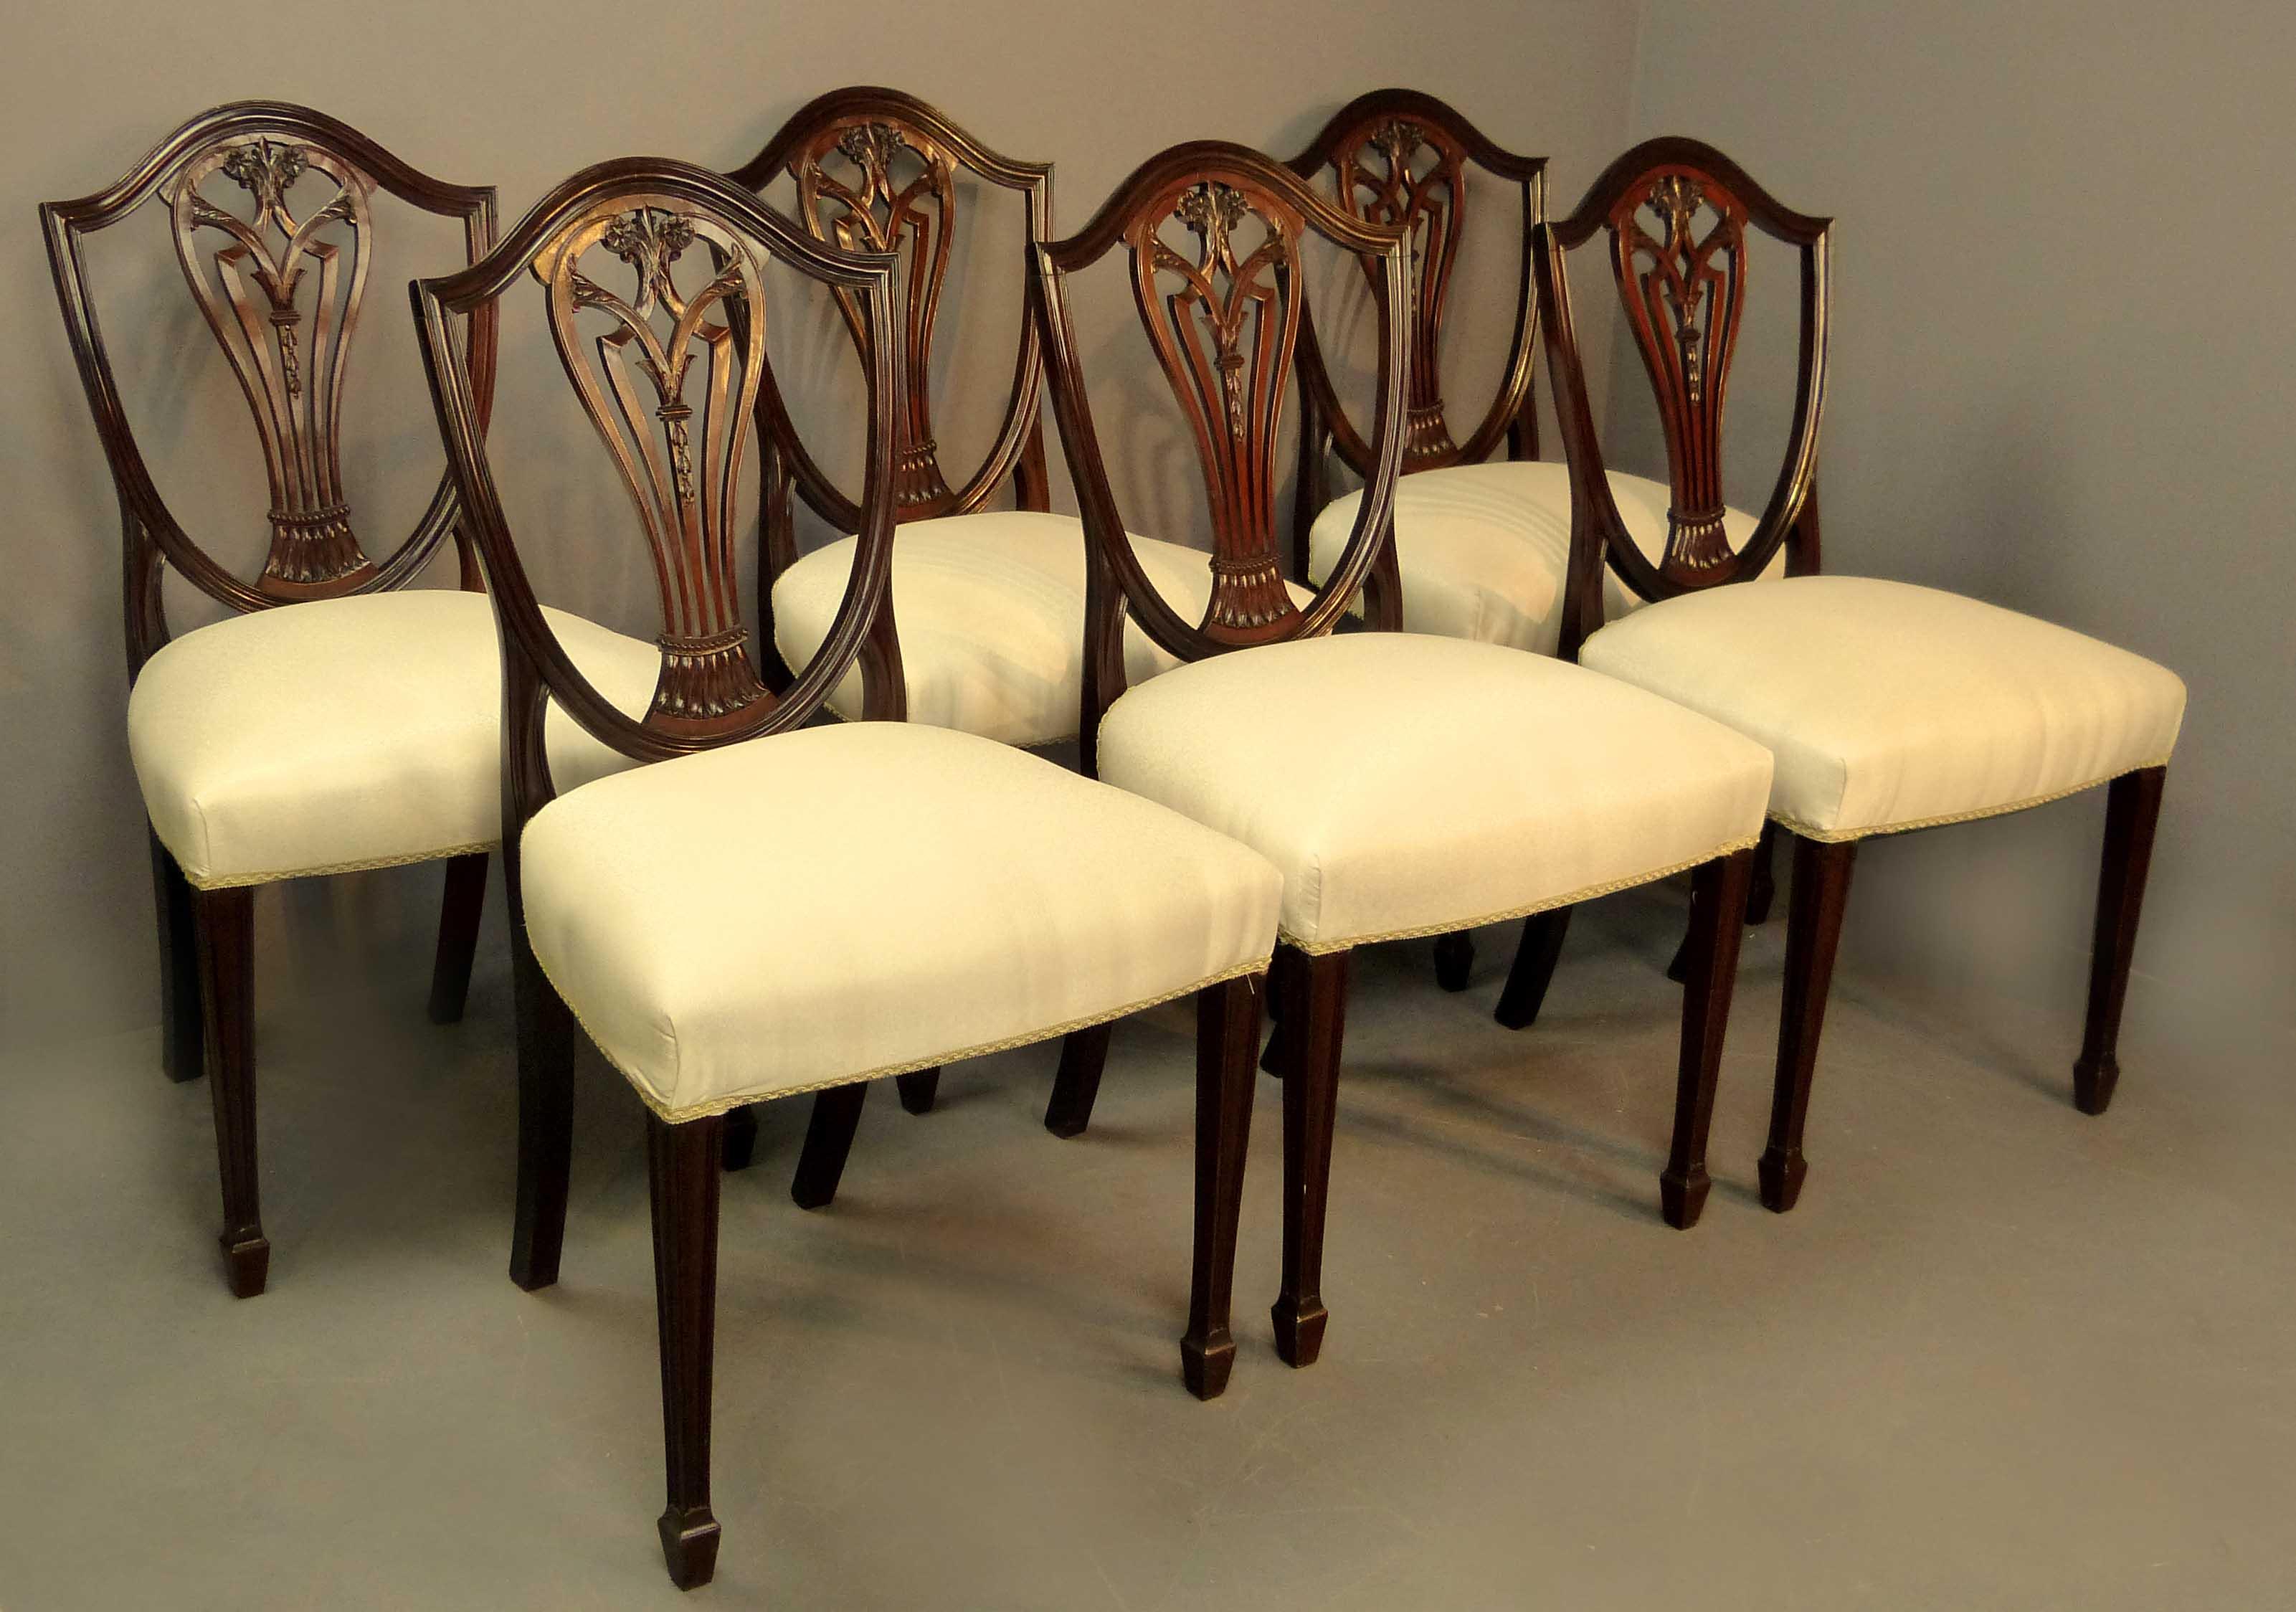 Genial venta sillas comedor fotos sillas comedor santiago - Sillas antiguas baratas ...